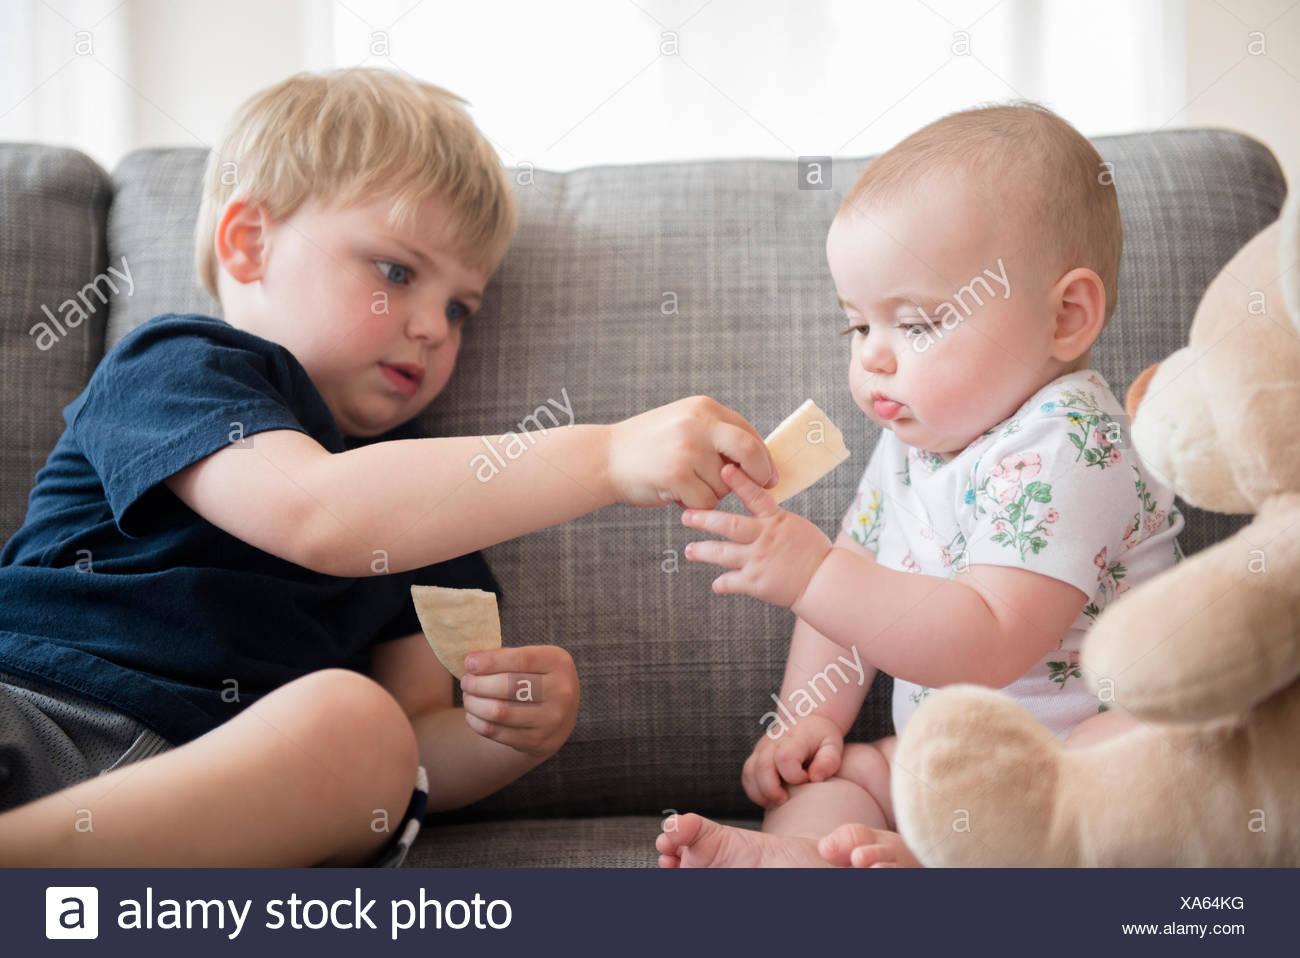 Bruder (2-3) Austausch von Cracker mit Babyschwester (12-17 Monate) Stockbild